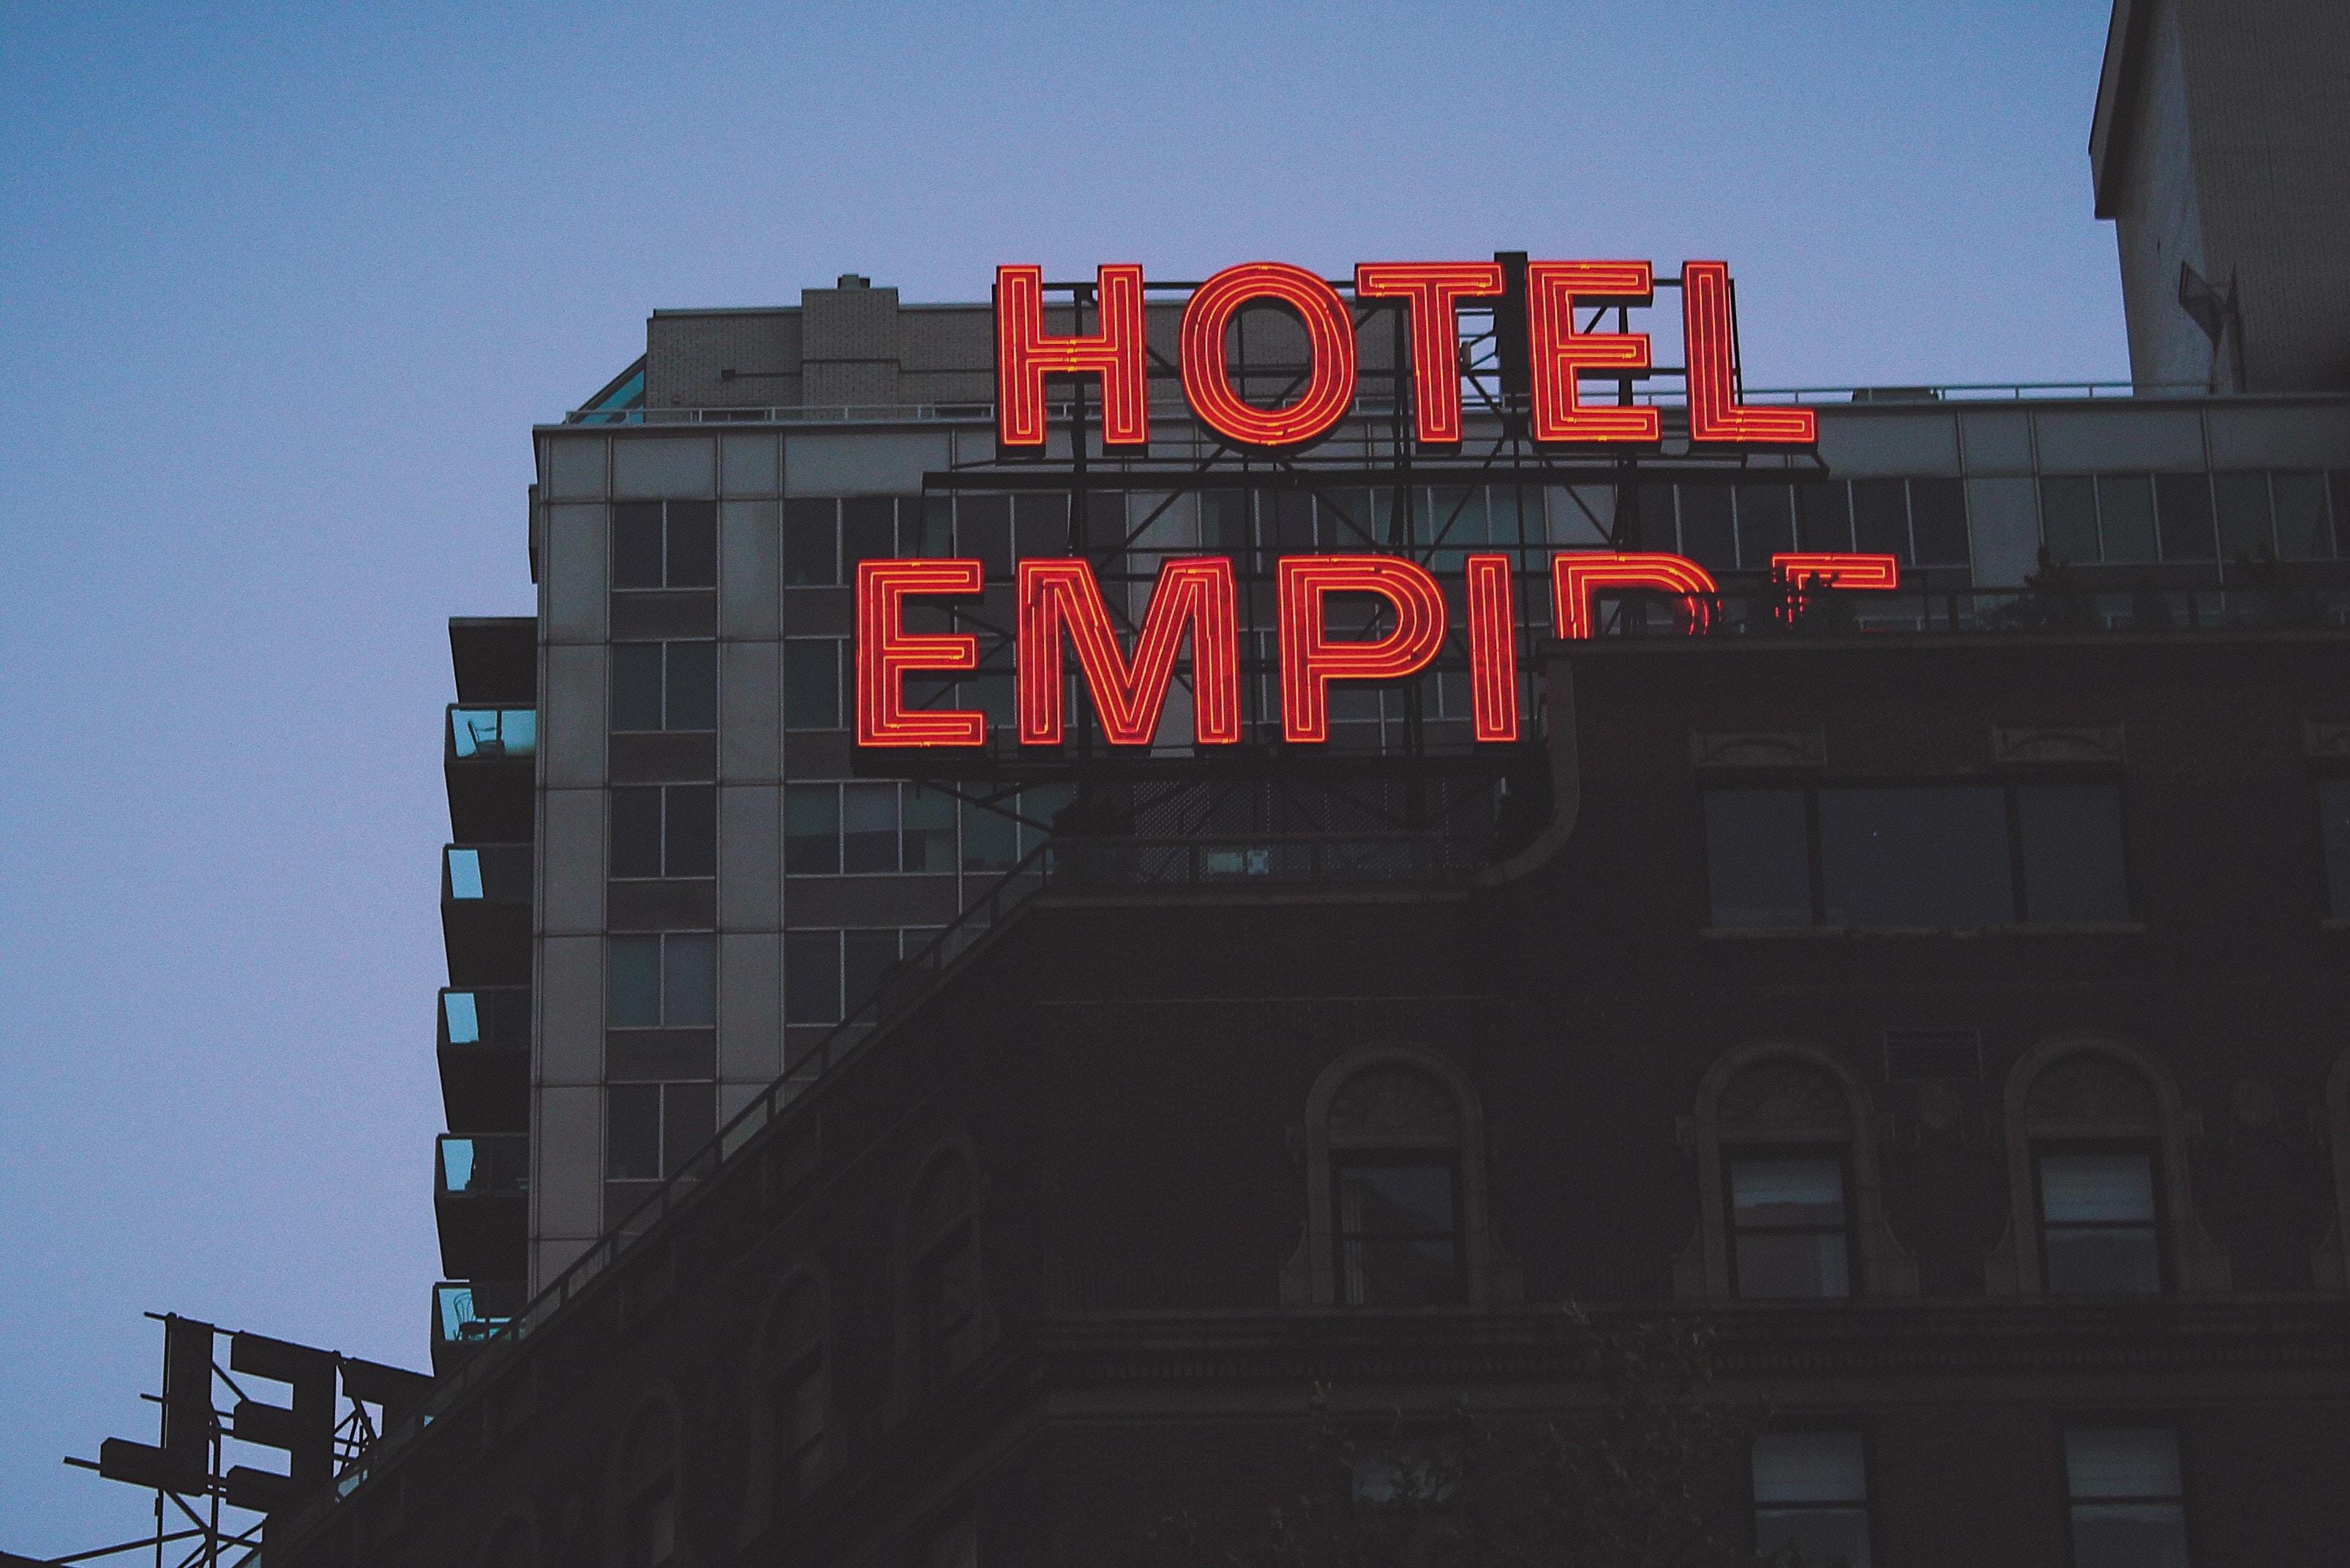 Hotel Empire building